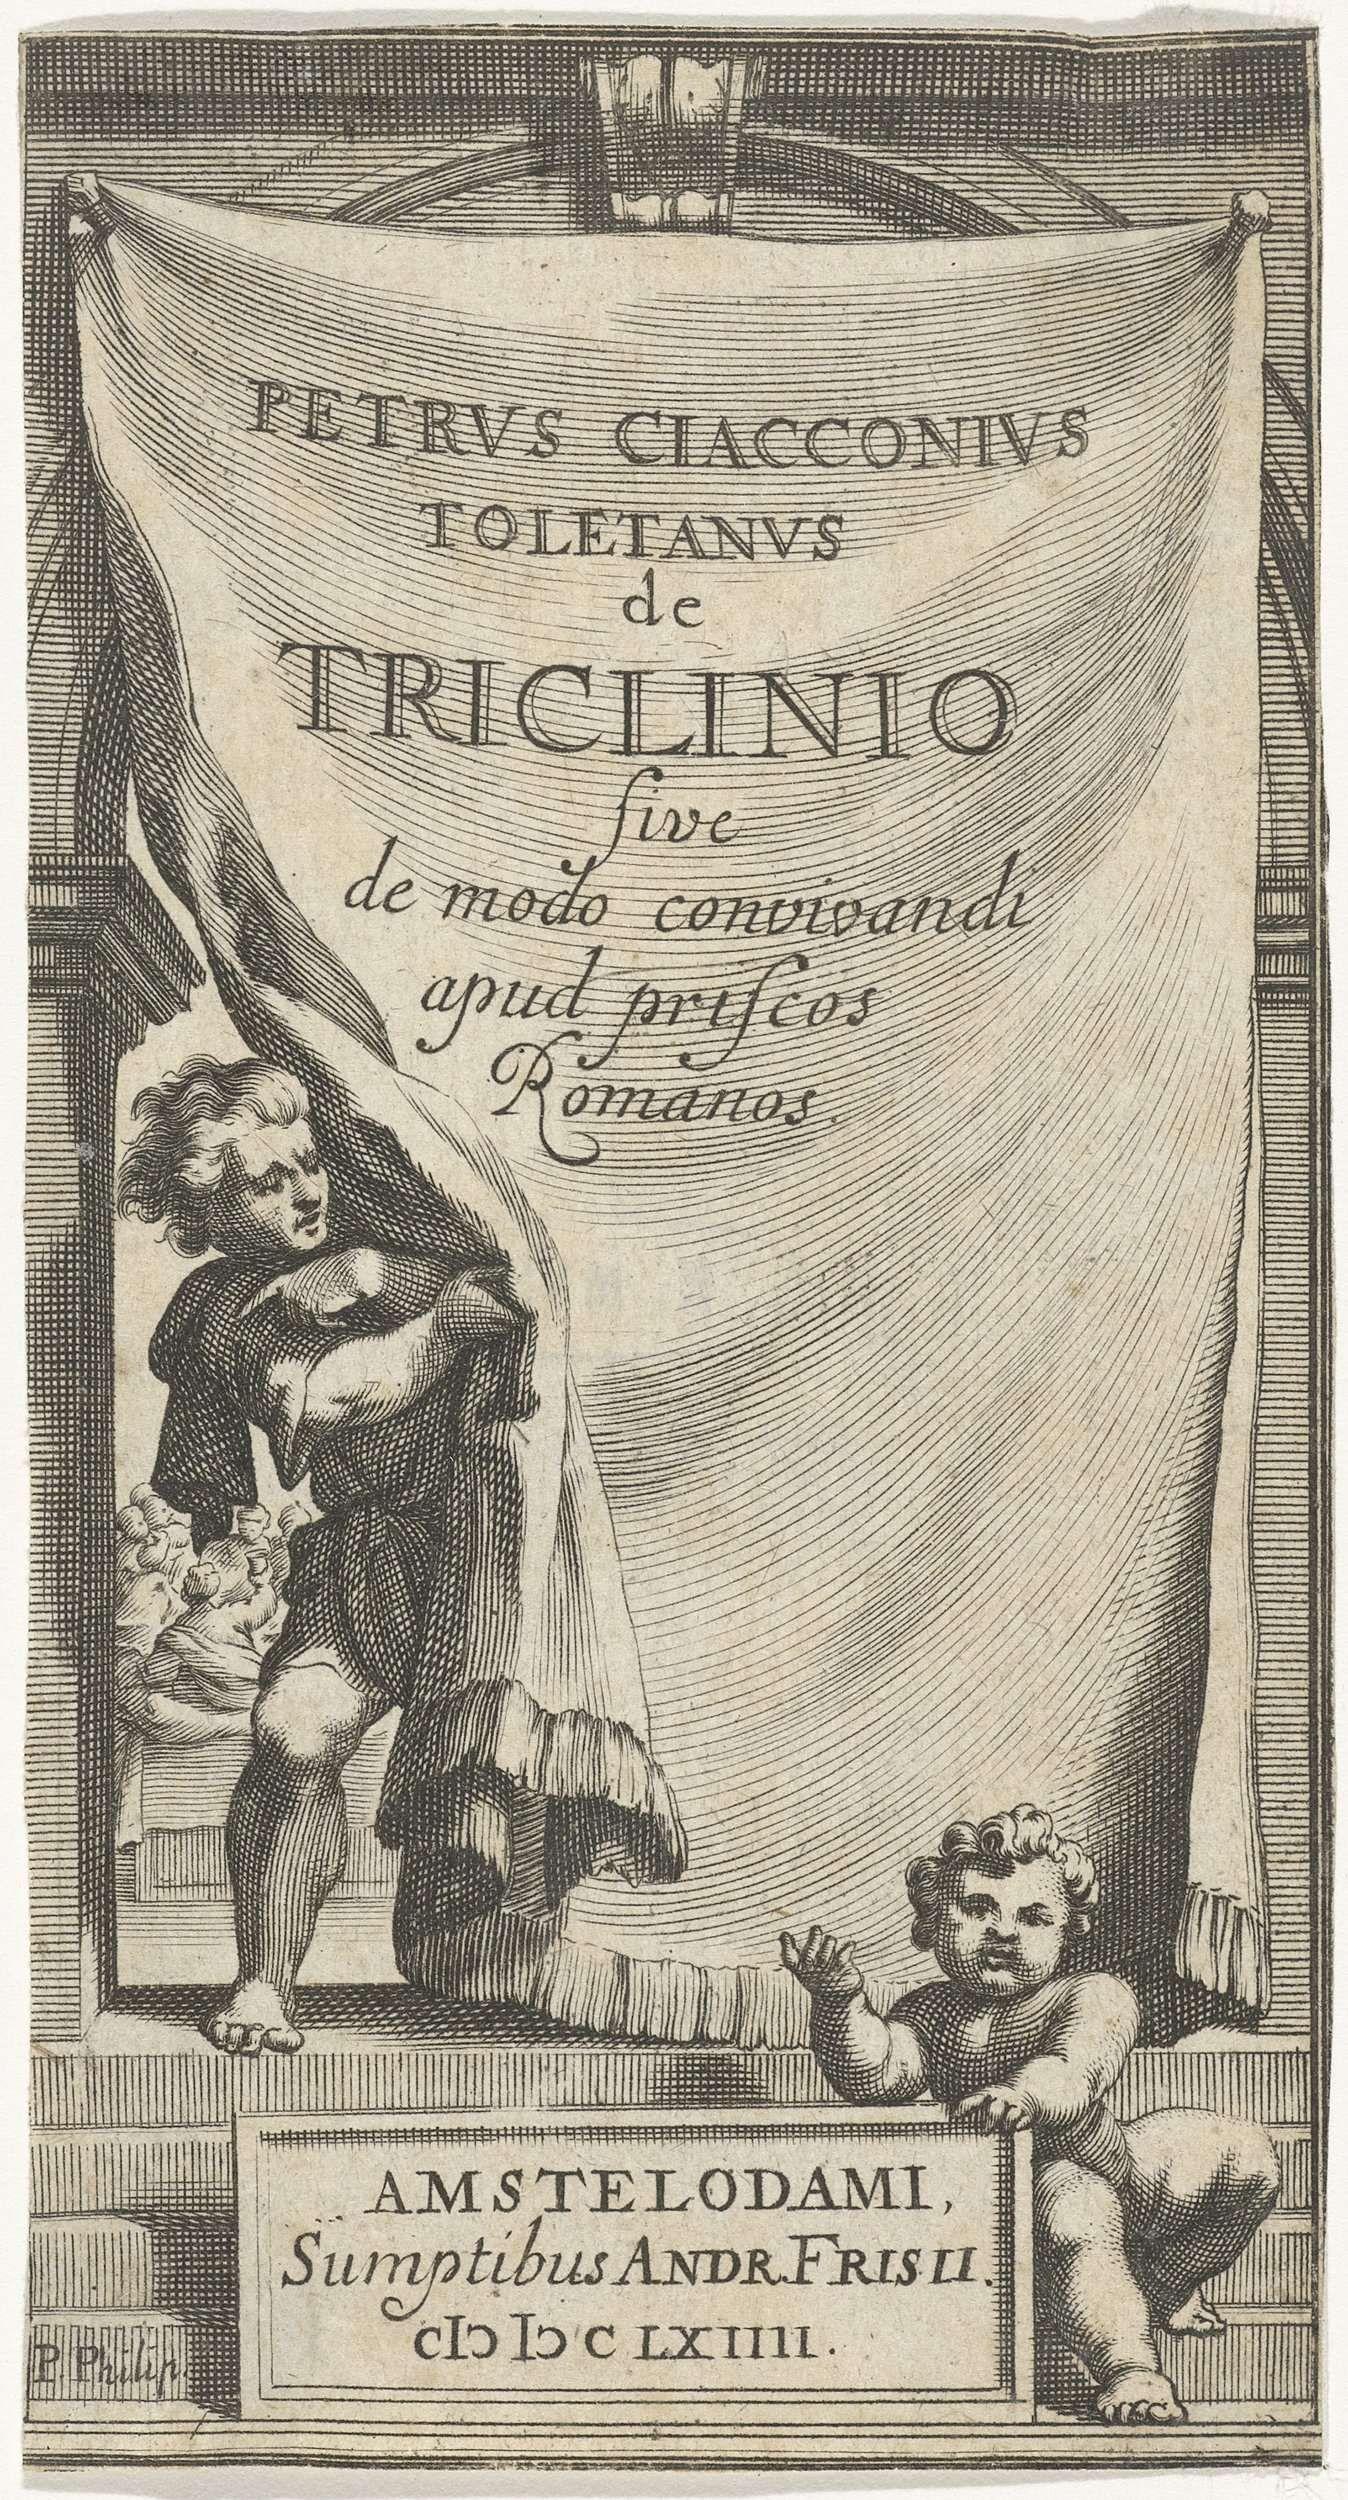 Pieter Philippe | Titelpagina voor: P. Ciacconius, De triclinio, 1664, Pieter Philippe, Andreas Frisius, 1664 | Een man schuift een draperie waarop de titel in het Latijn opzij. Op de voorgrond een putto die leunt op een kader waarop het impressum.